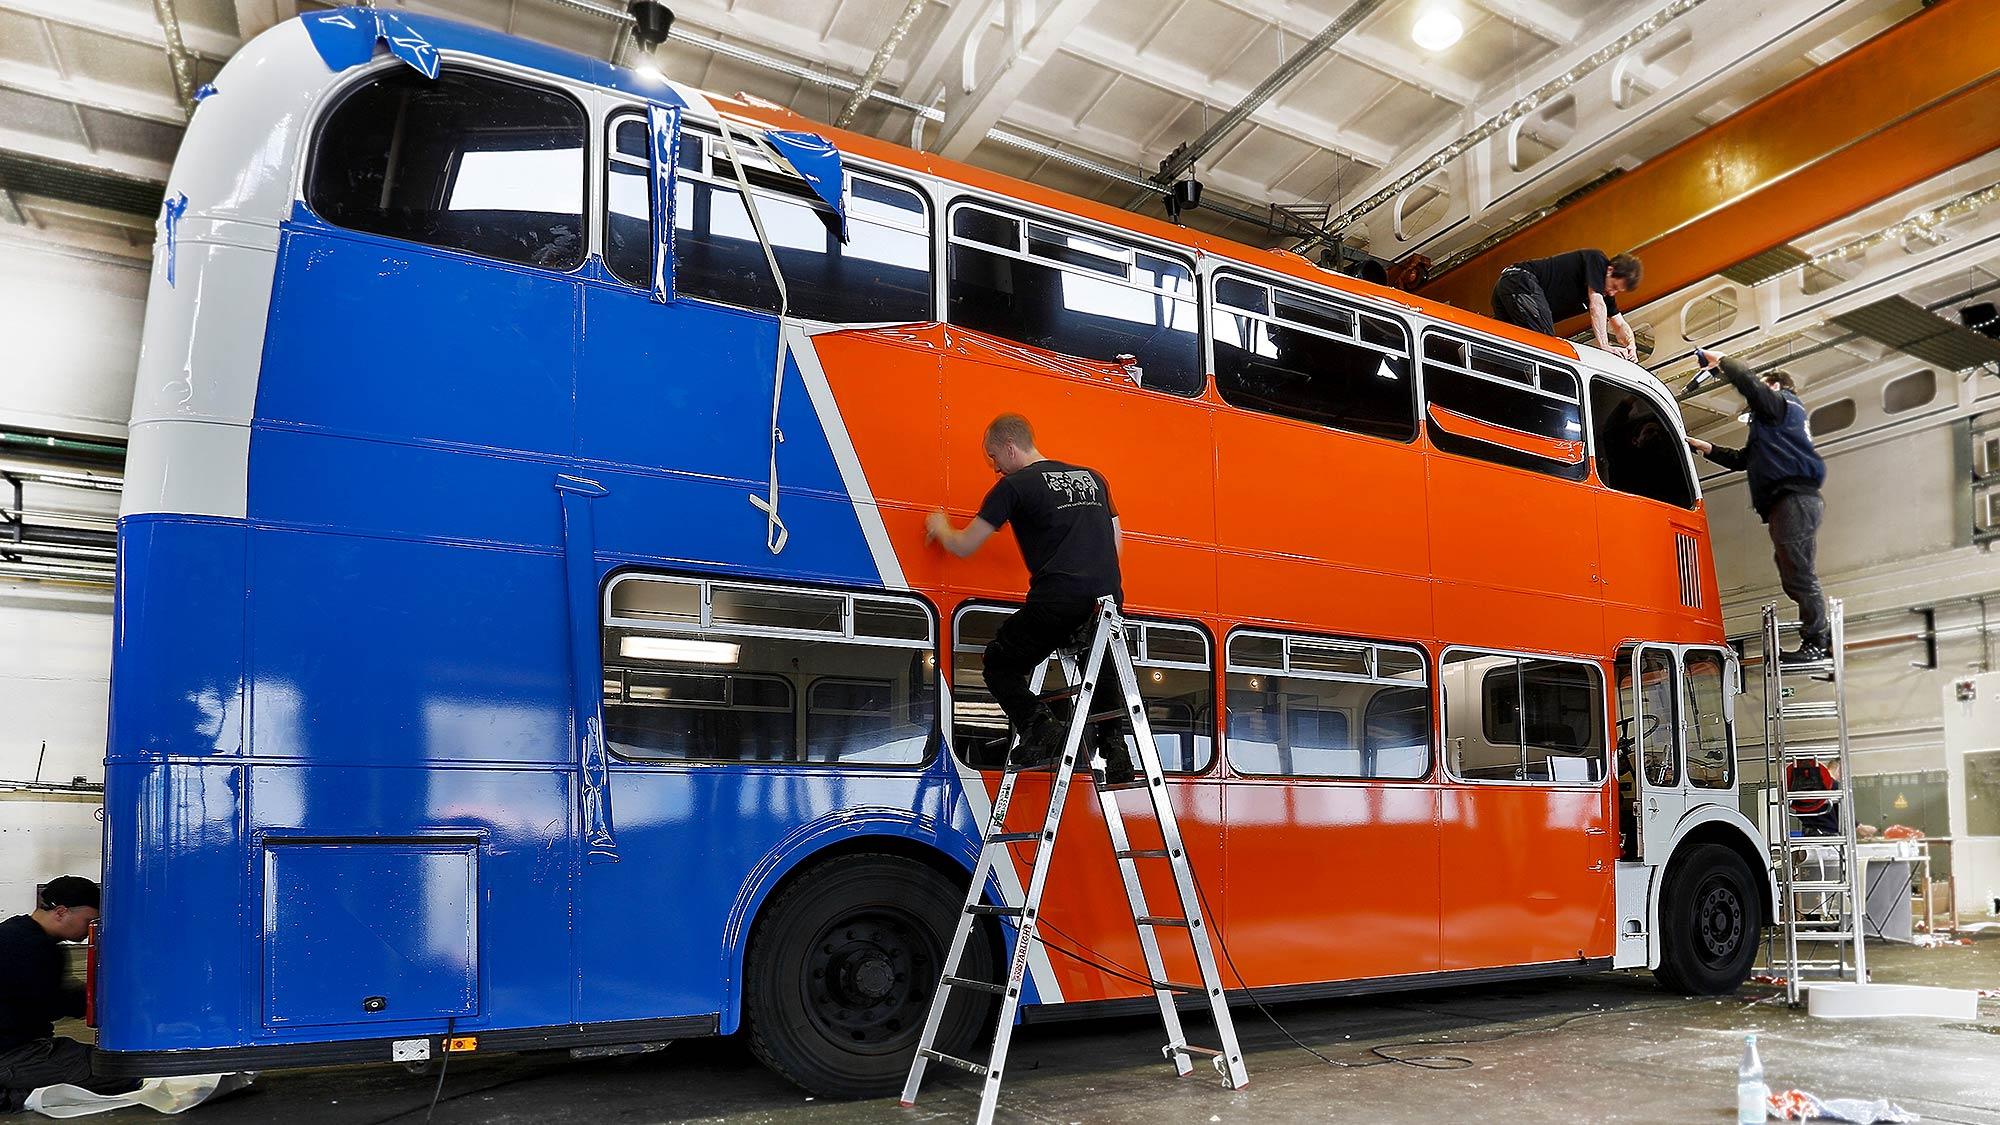 Designfolierung als Komplettfolierung eines weißen Busses